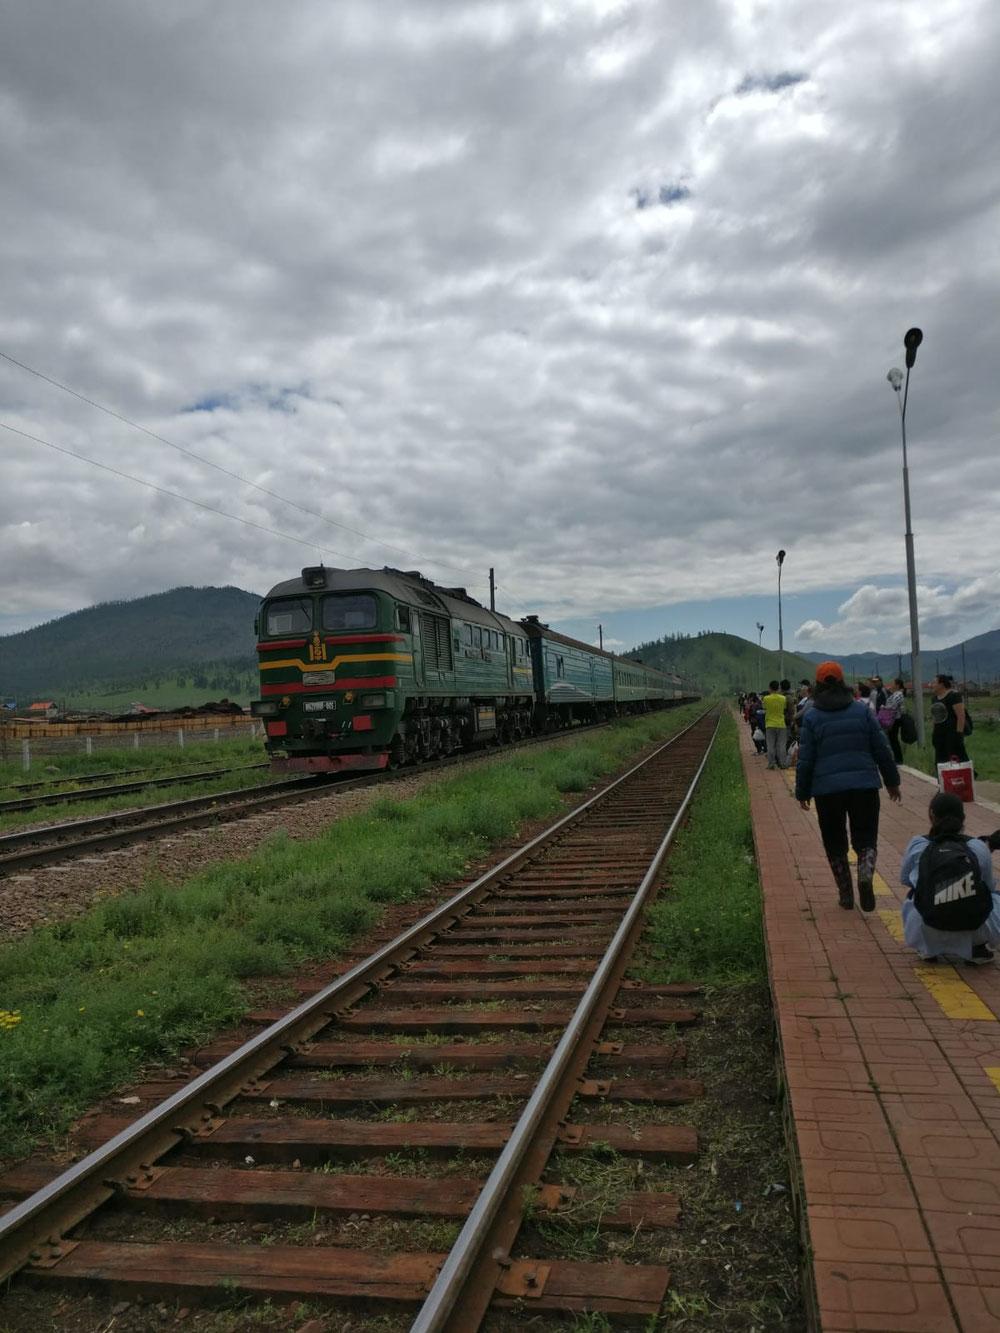 Der Zug in die Gegenrichtung kommt an